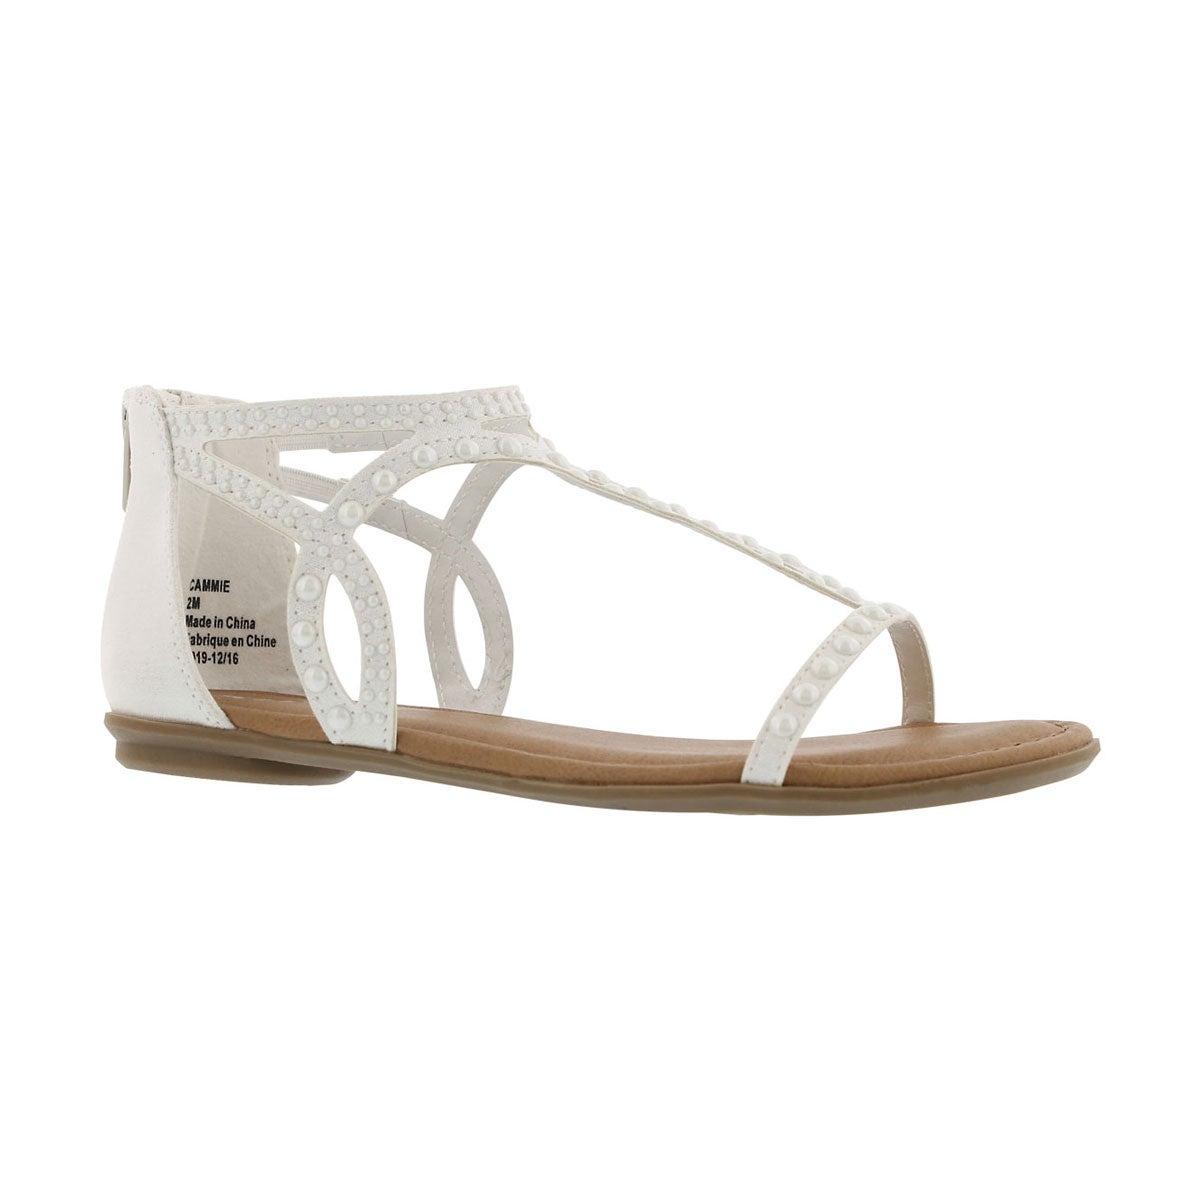 Girls' CAMMIE white dress sandals